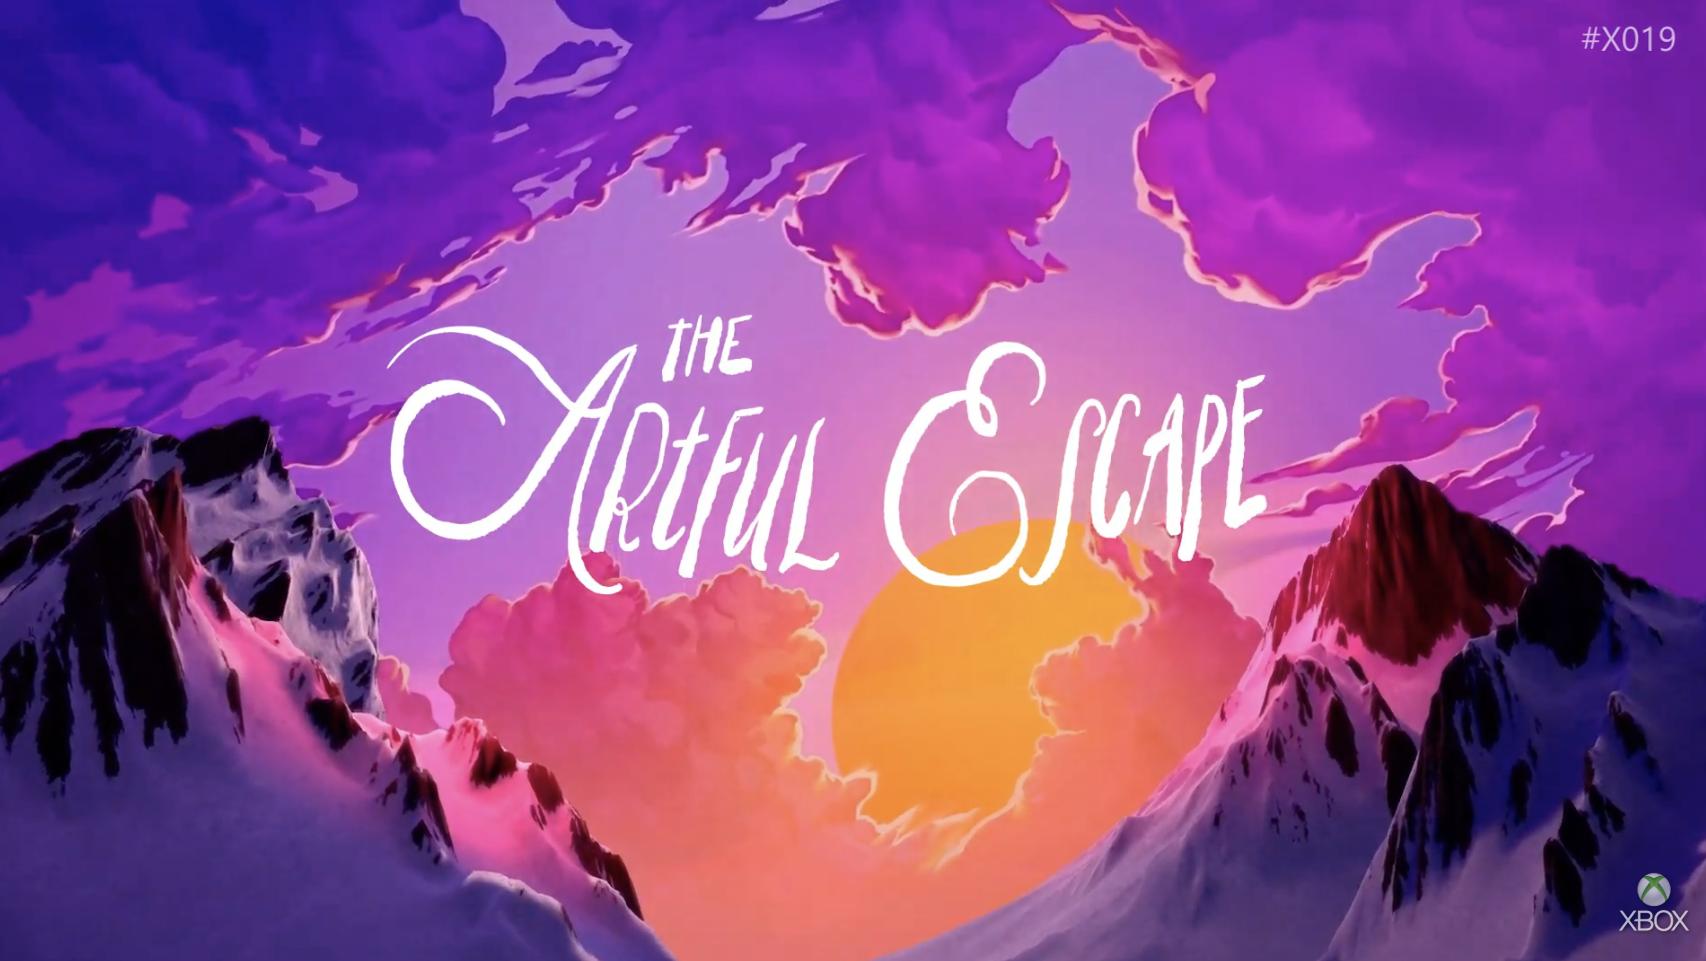 x019 - The Artful Escape